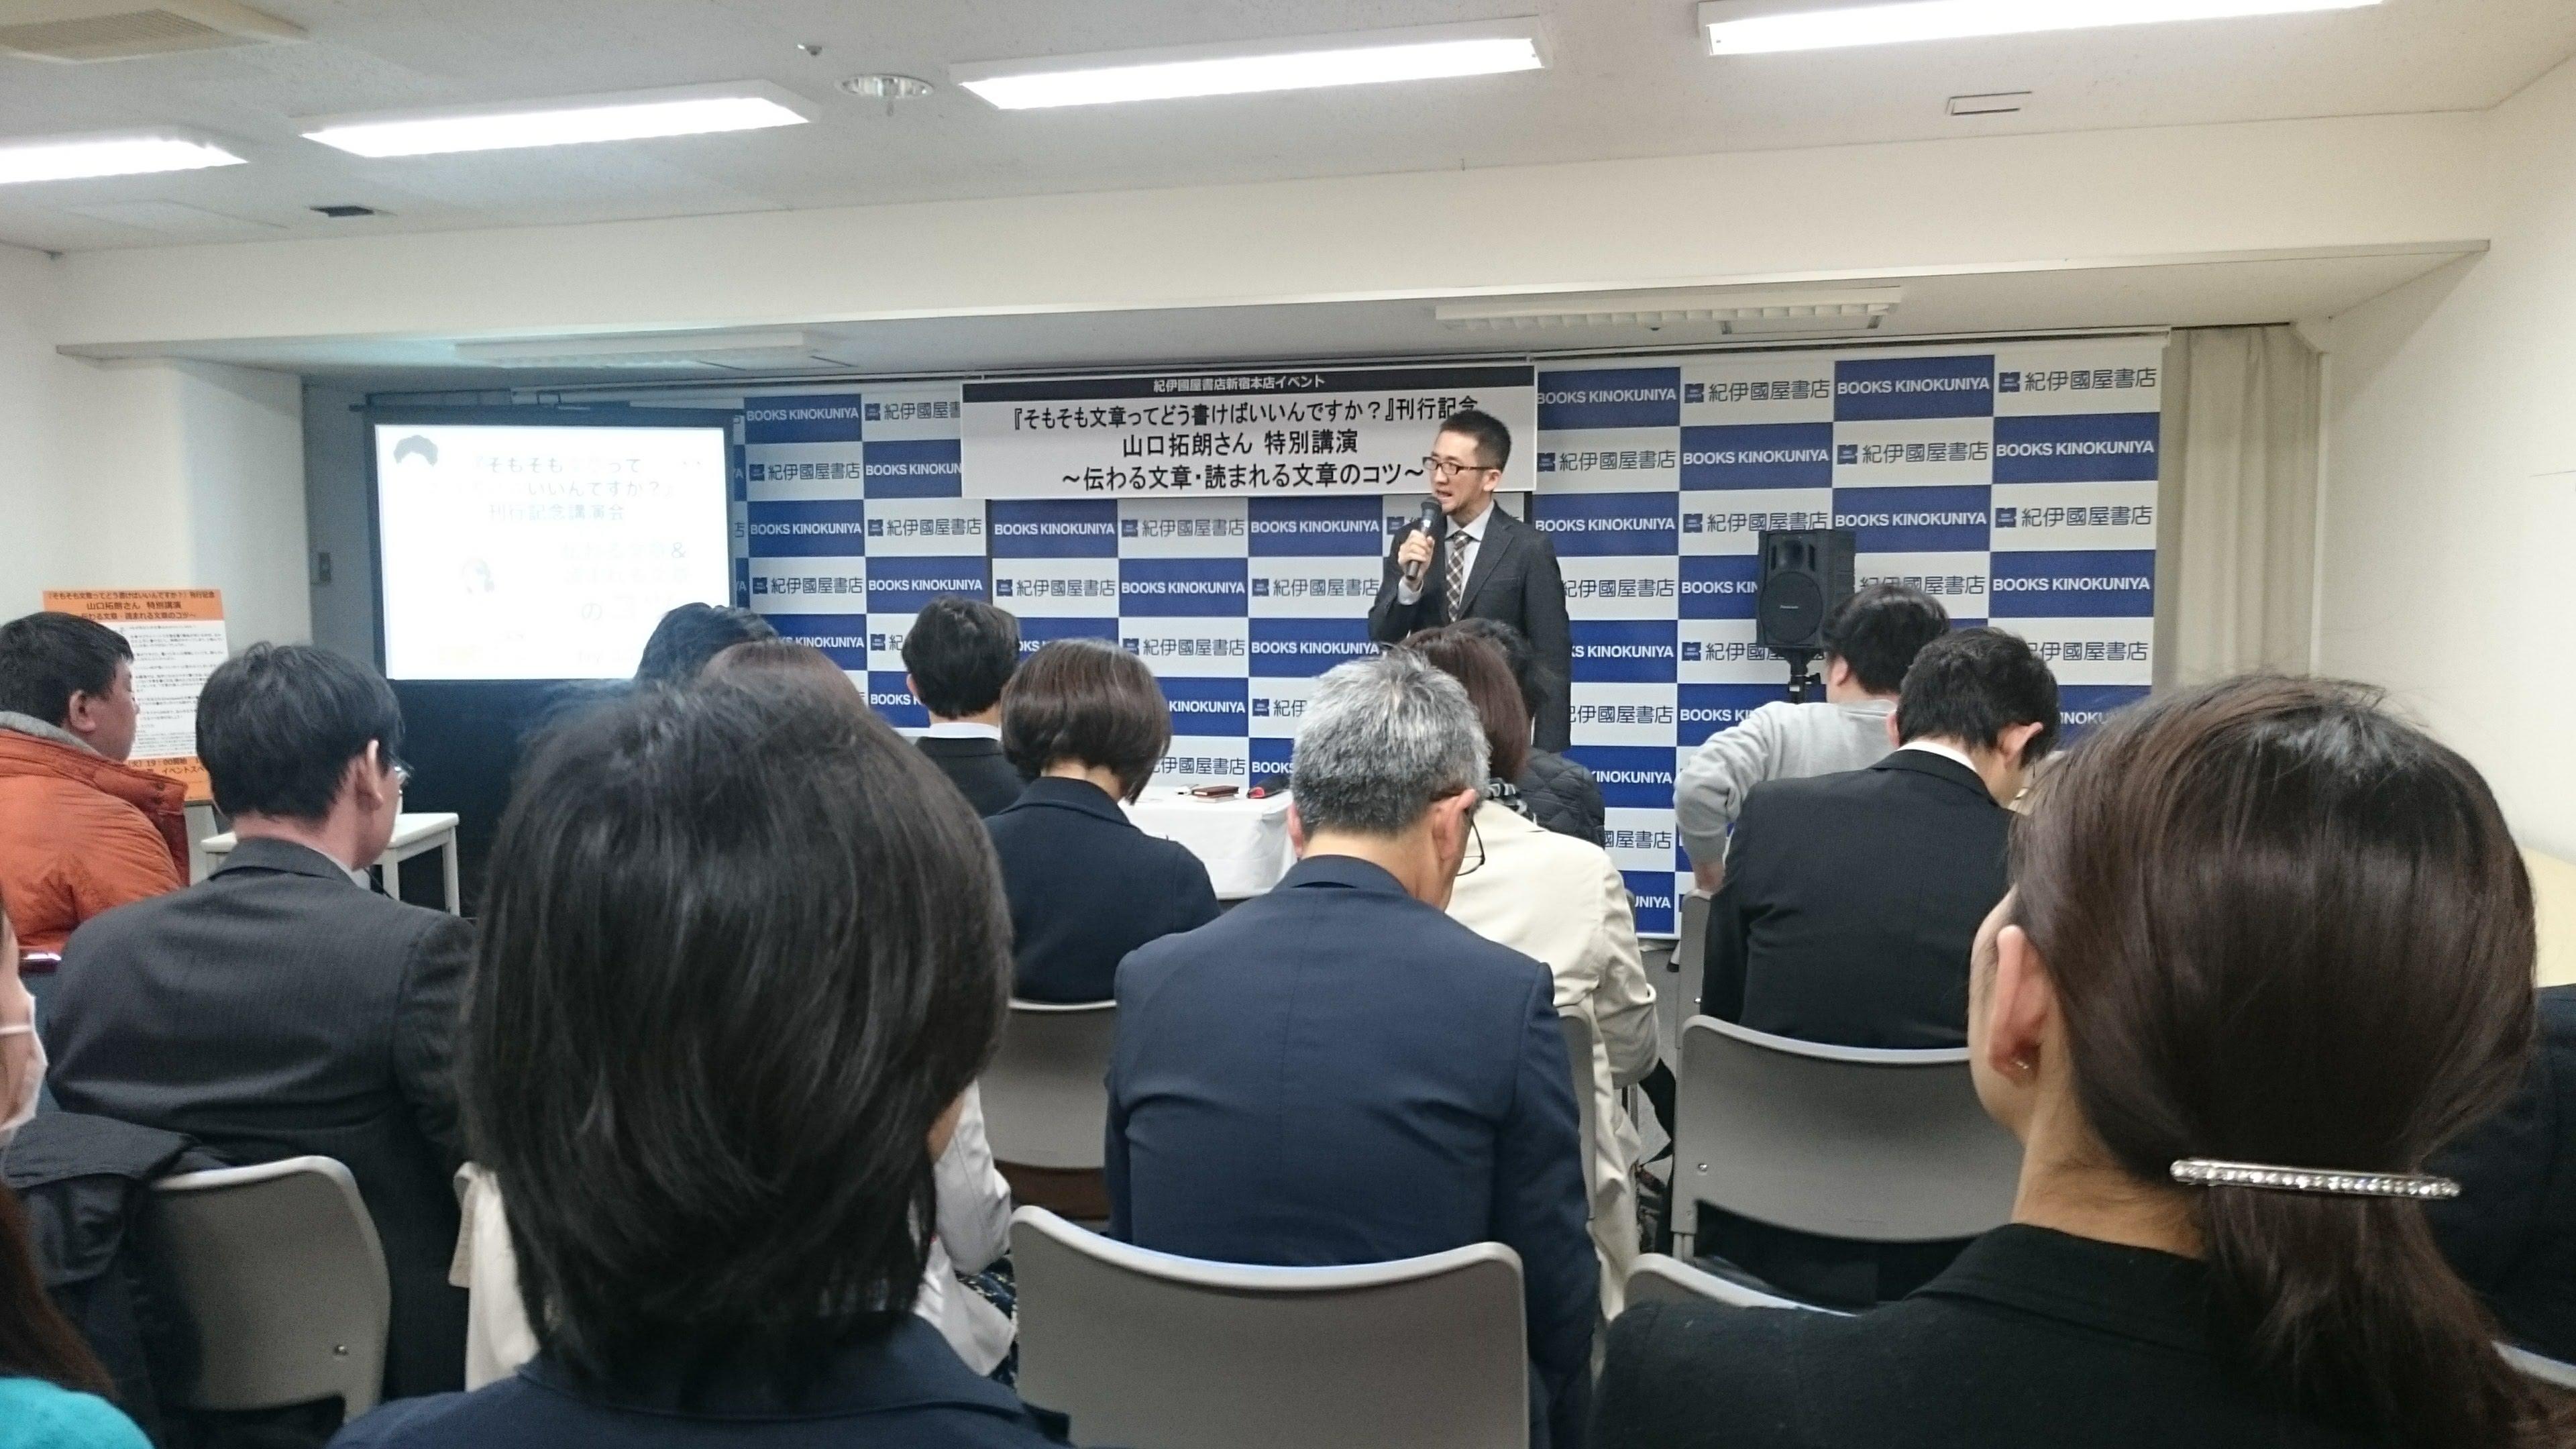 彩塾サポーター山口拓朗さん画像